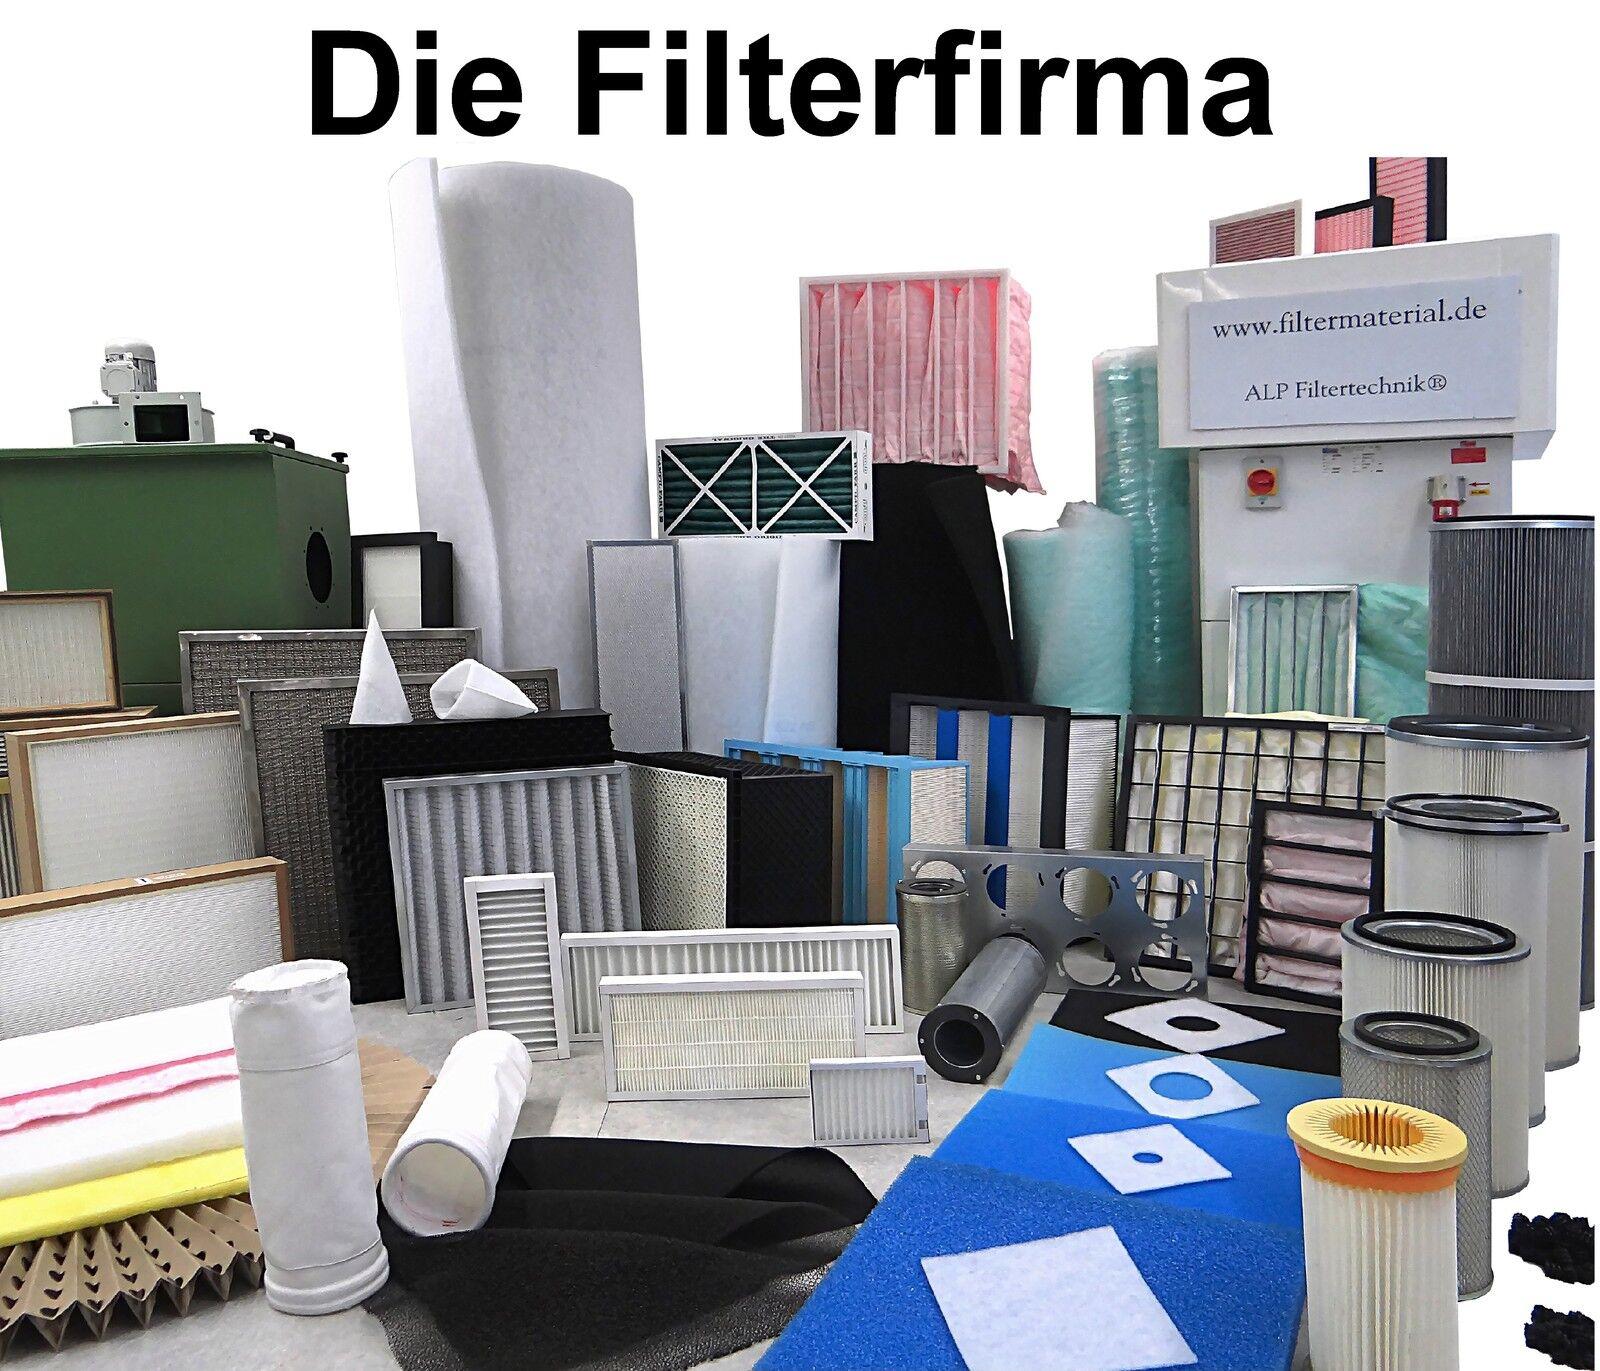 alp.filtertechnik